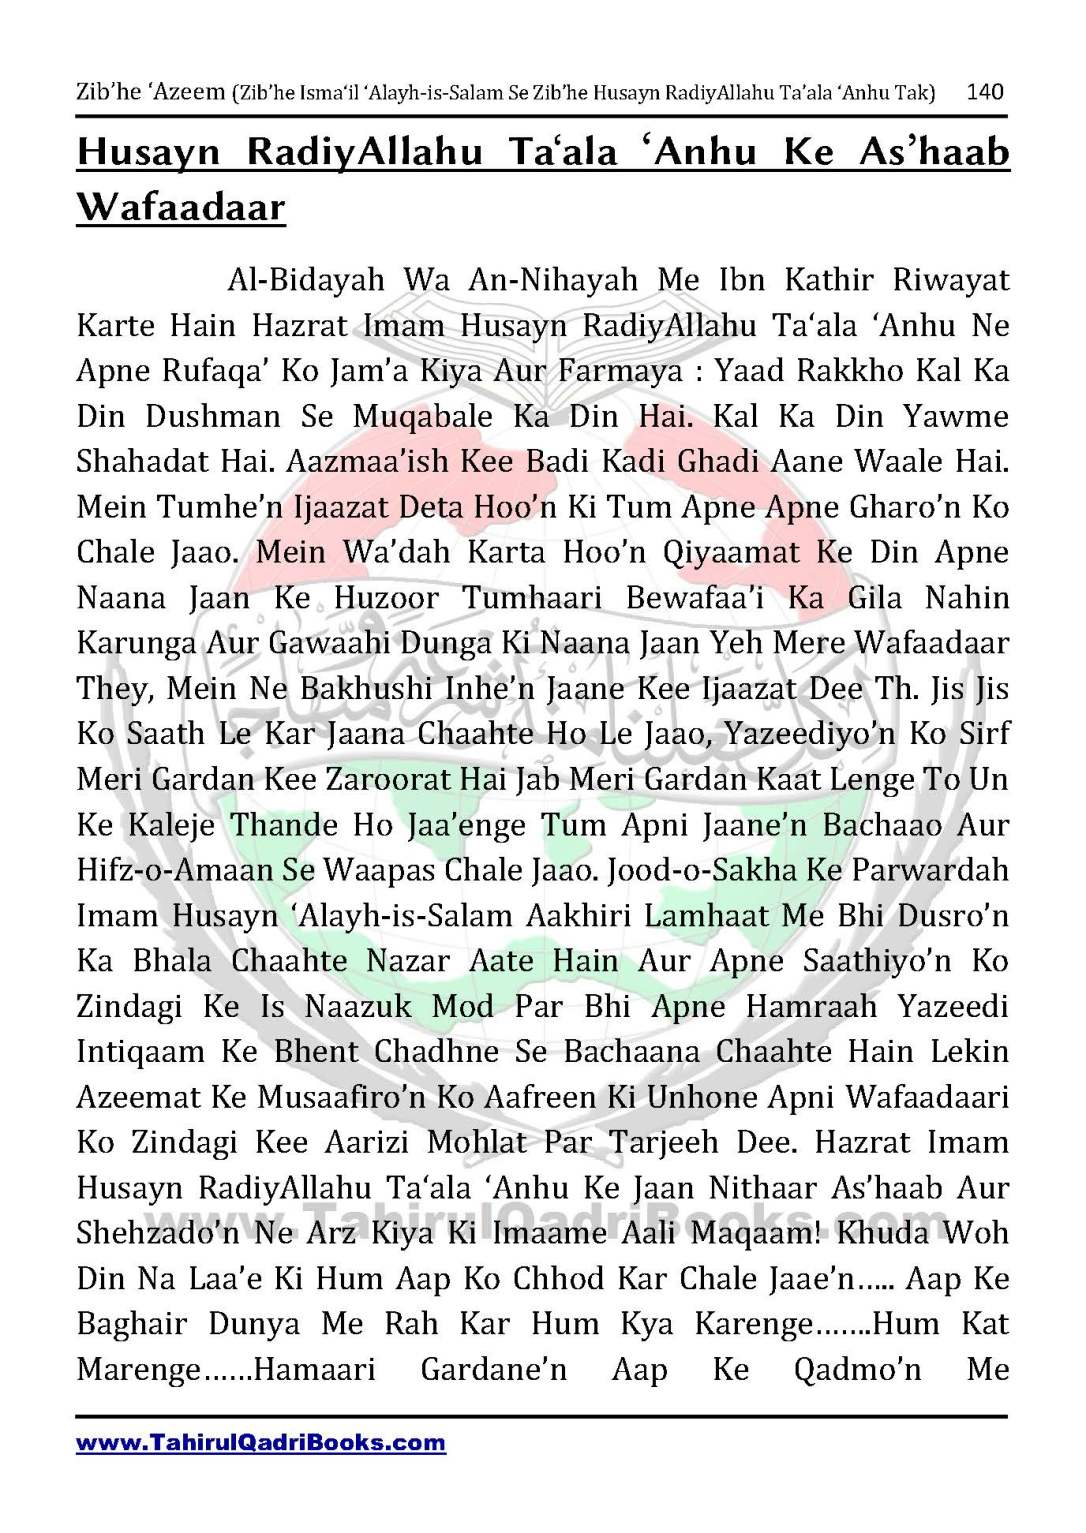 zib_he-e28098azeem-zib_he-ismacabbil-se-zib_he-husayn-tak-in-roman-urdu-unlocked_Page_140